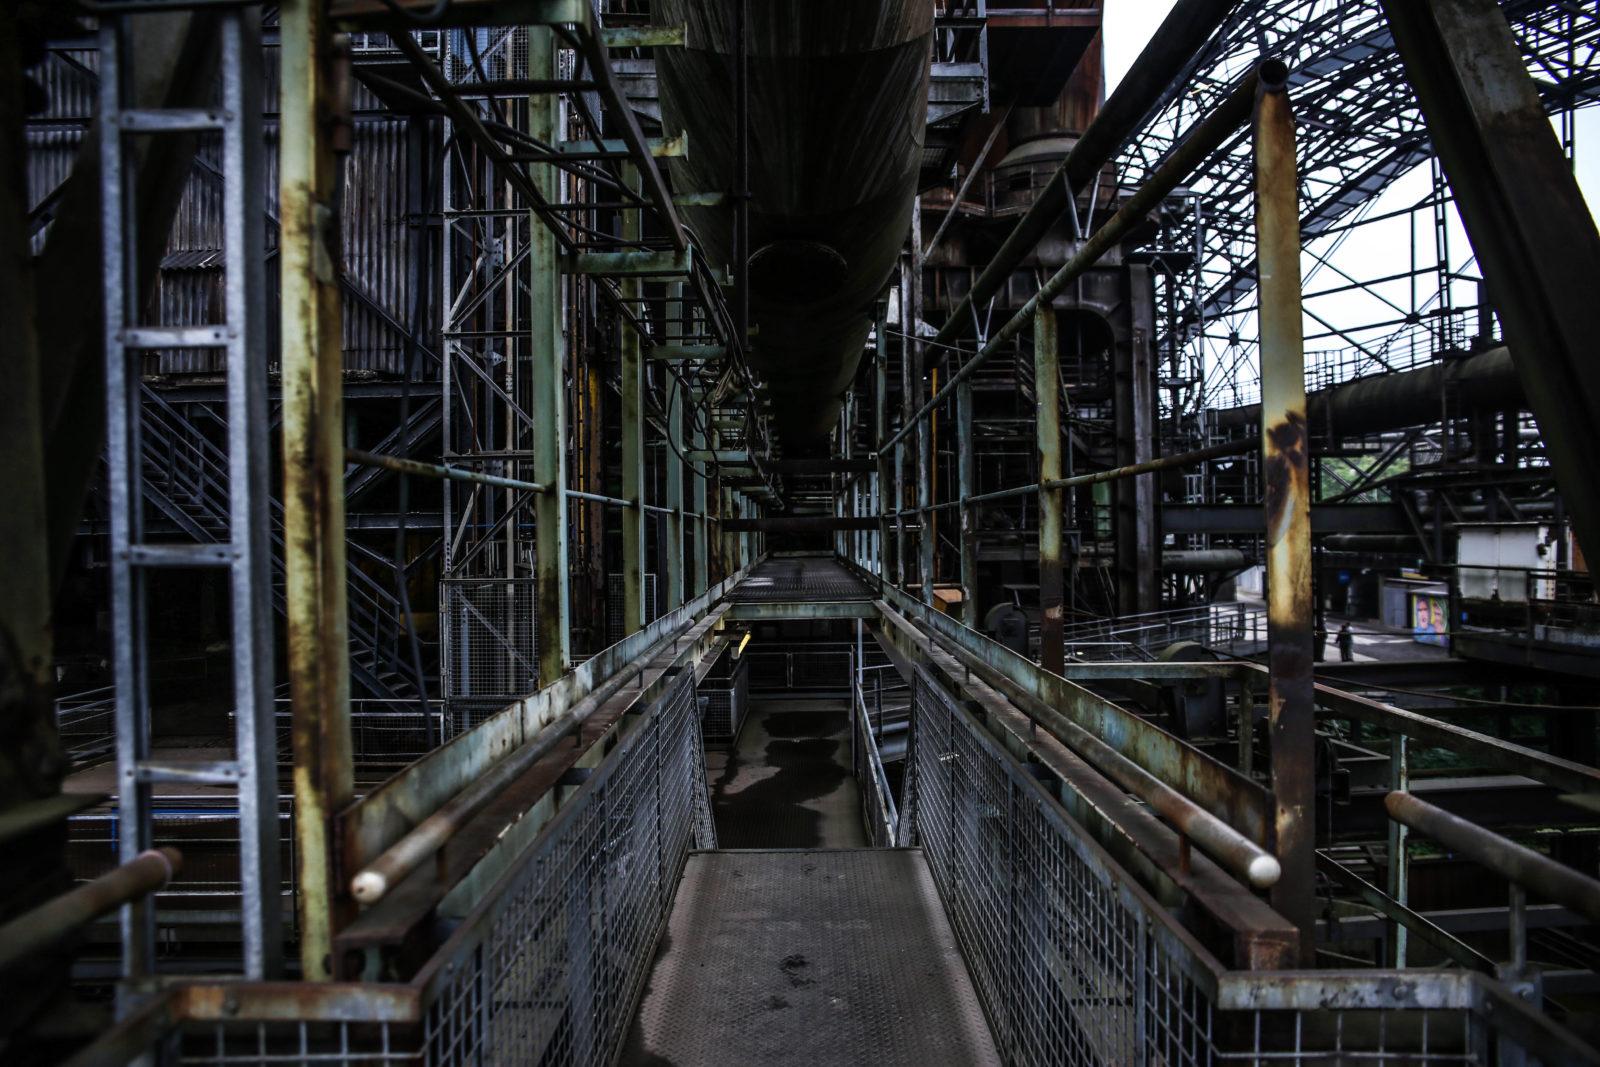 urbex explorationurbaine Volklingen usine abandonnee RADAR FrancsColleurs video tournage IMG9578 - Exploration en réalité augmentée de l'usine de Völklingen et des gouttes Francs Colleurs